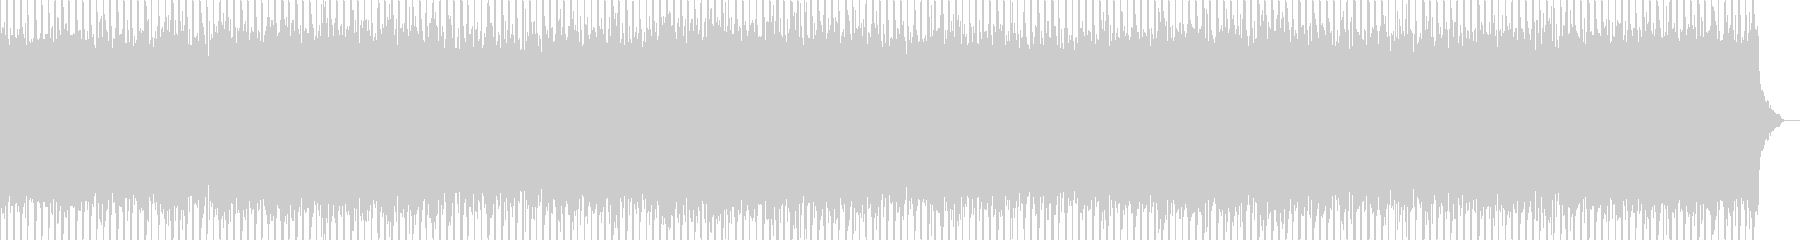 ニュース番組・インダストリーBGMの未再生の波形